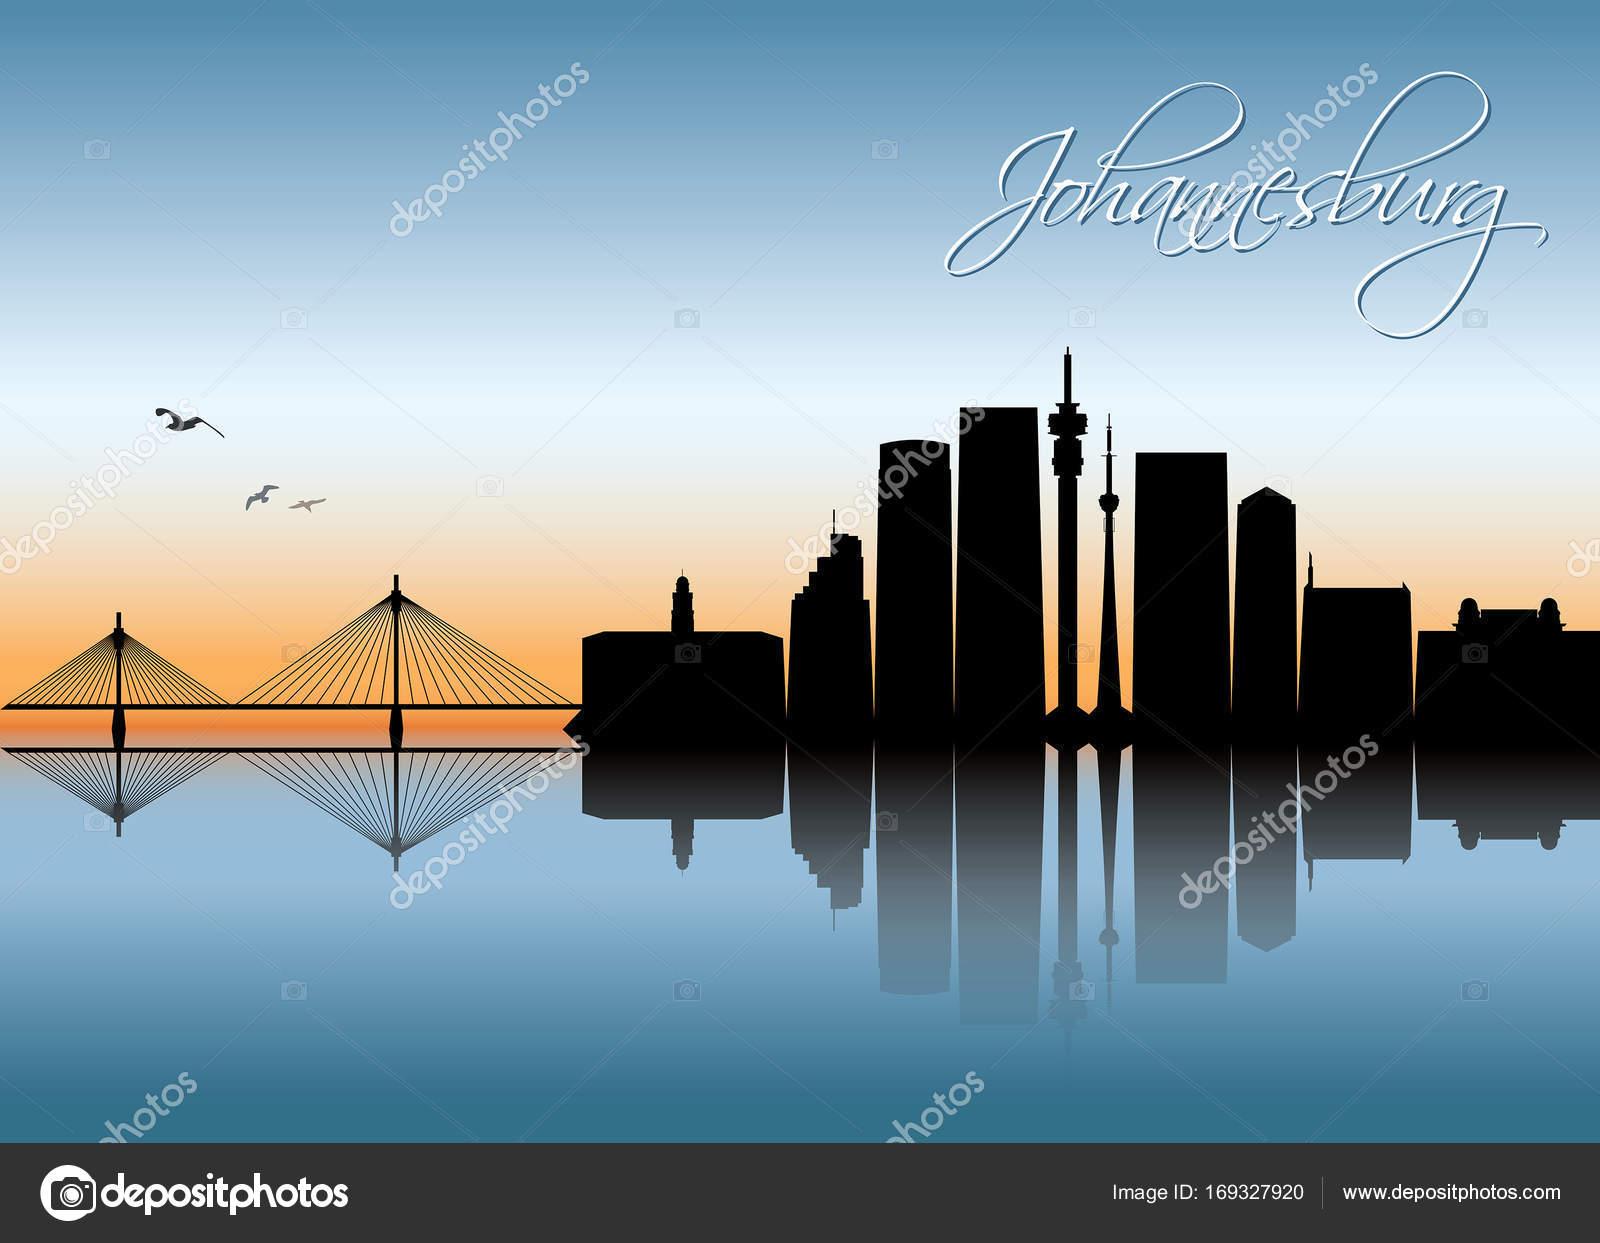 Johannesburg skyline banner stock vector itrovic 169327920 johannesburg skyline banner stock vector altavistaventures Images